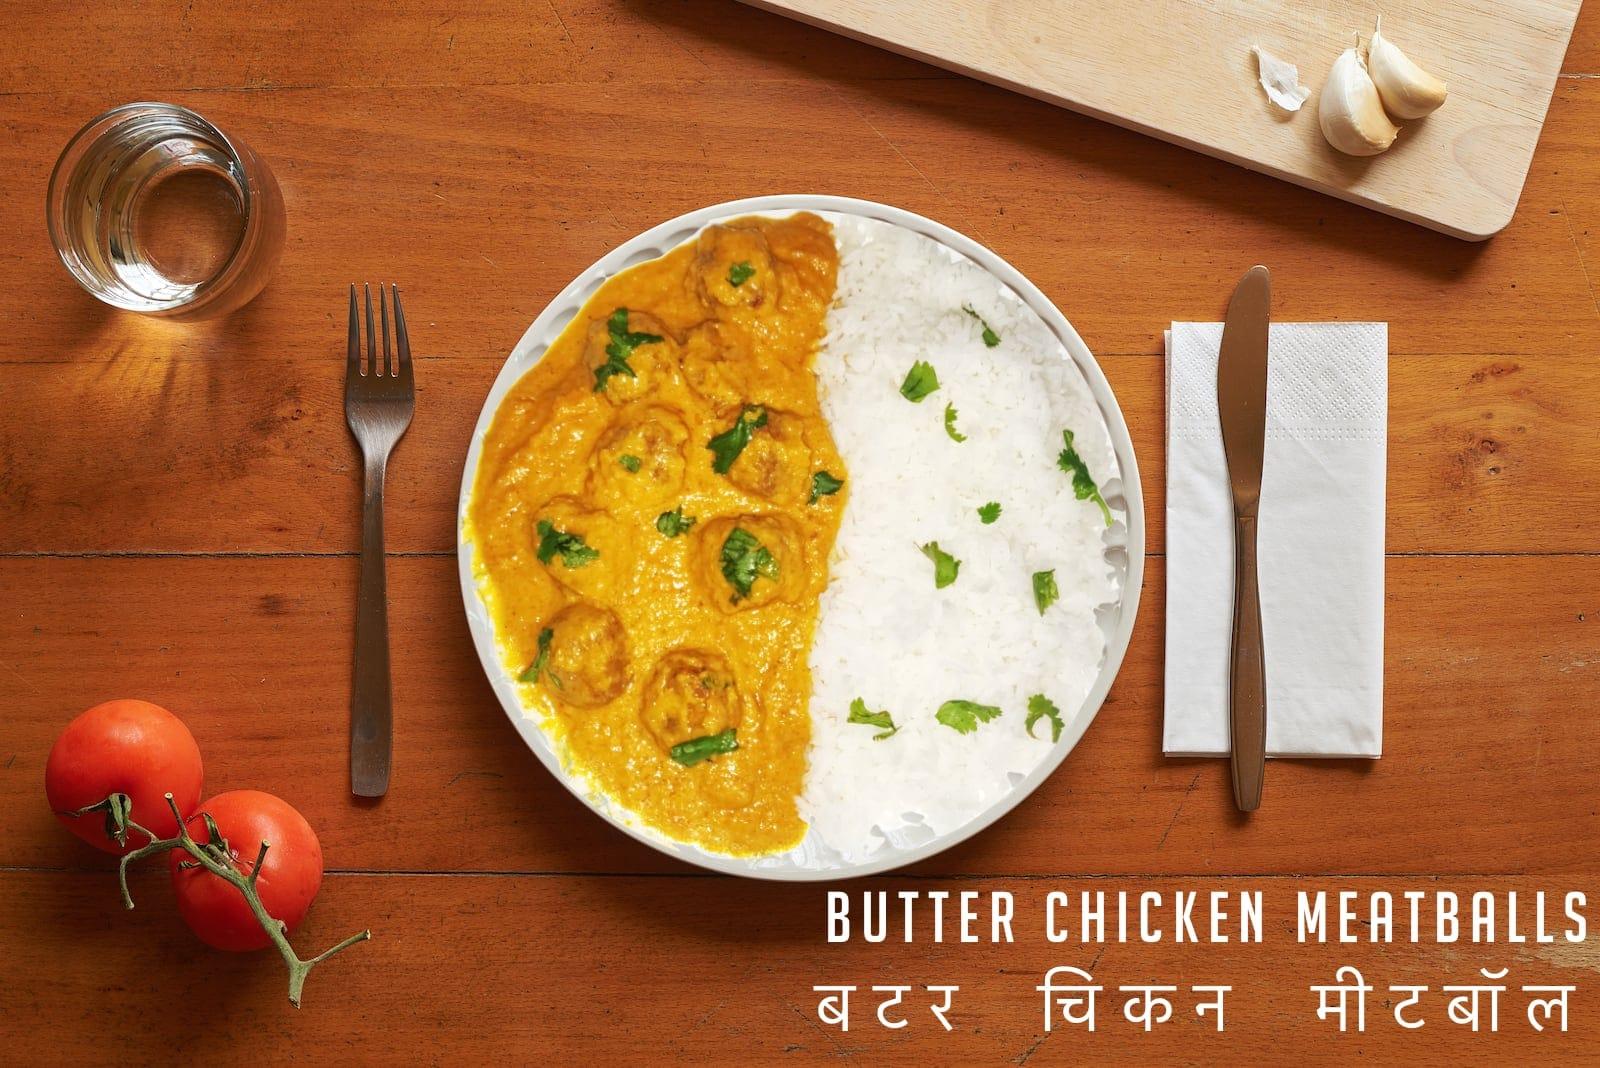 Butter chicken Meatballs Recipe